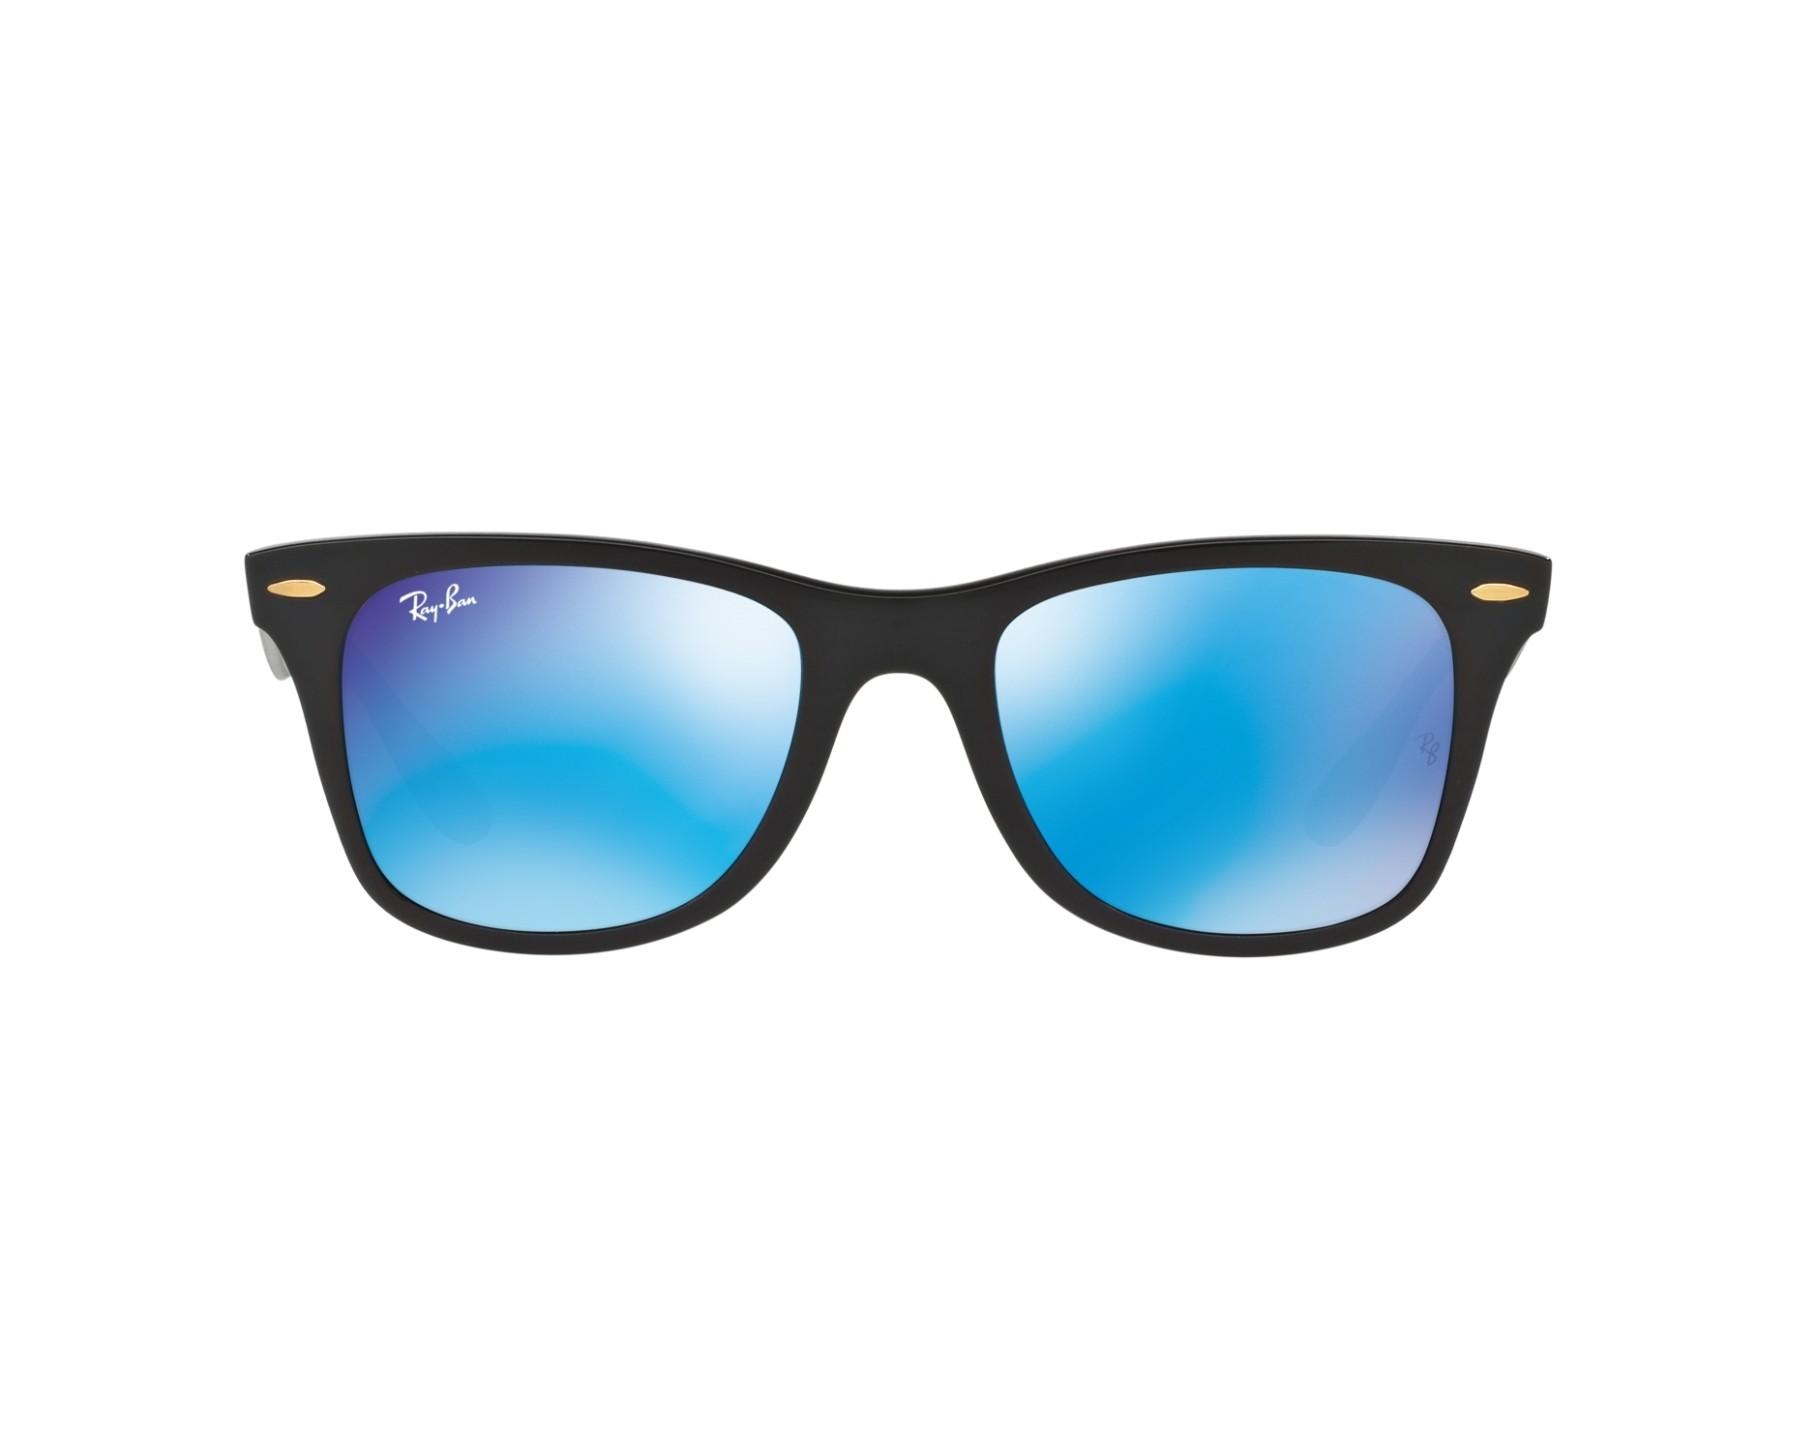 e4ae249418 Sunglasses Ray-Ban RB-4195 631855 52-20 Black 360 degree view 1